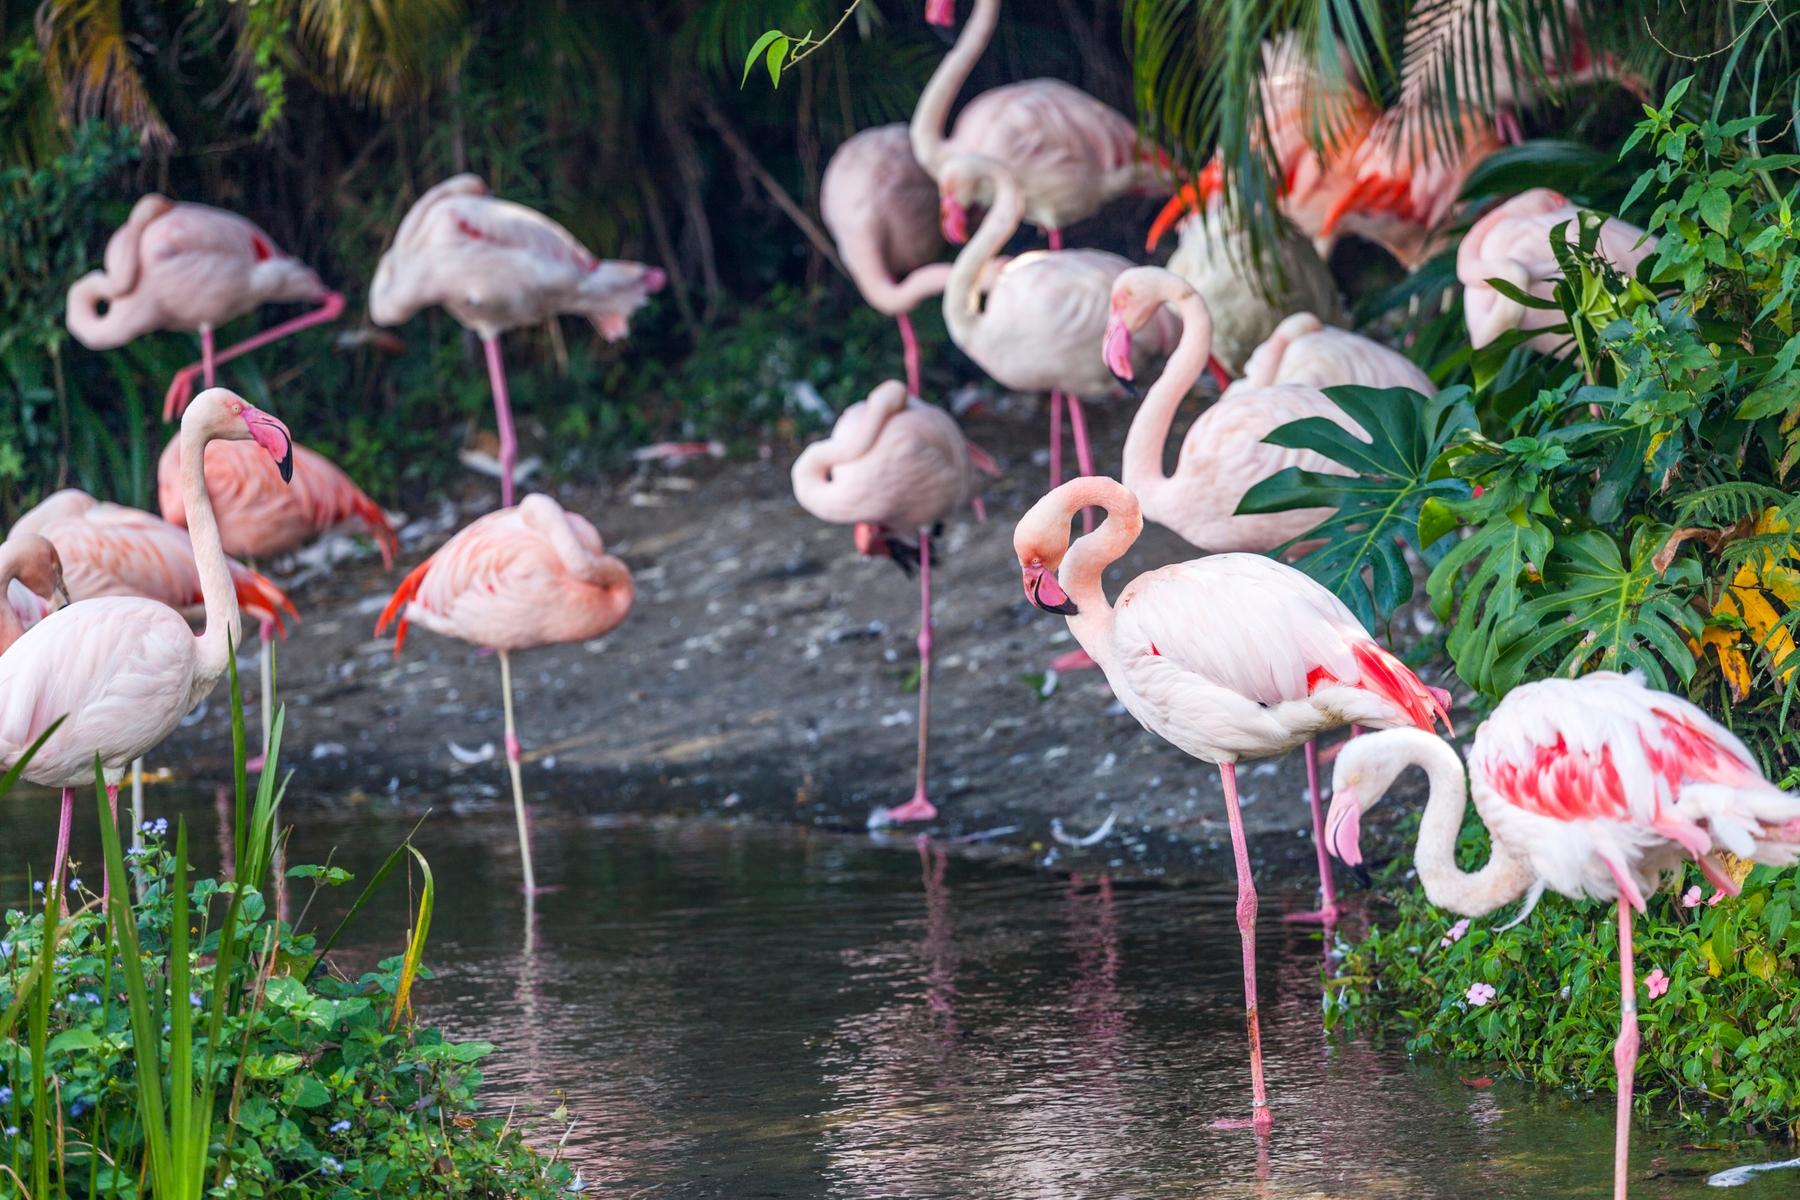 Onbekende plekken in Nederland Zwillbrocker Venn Flamingo